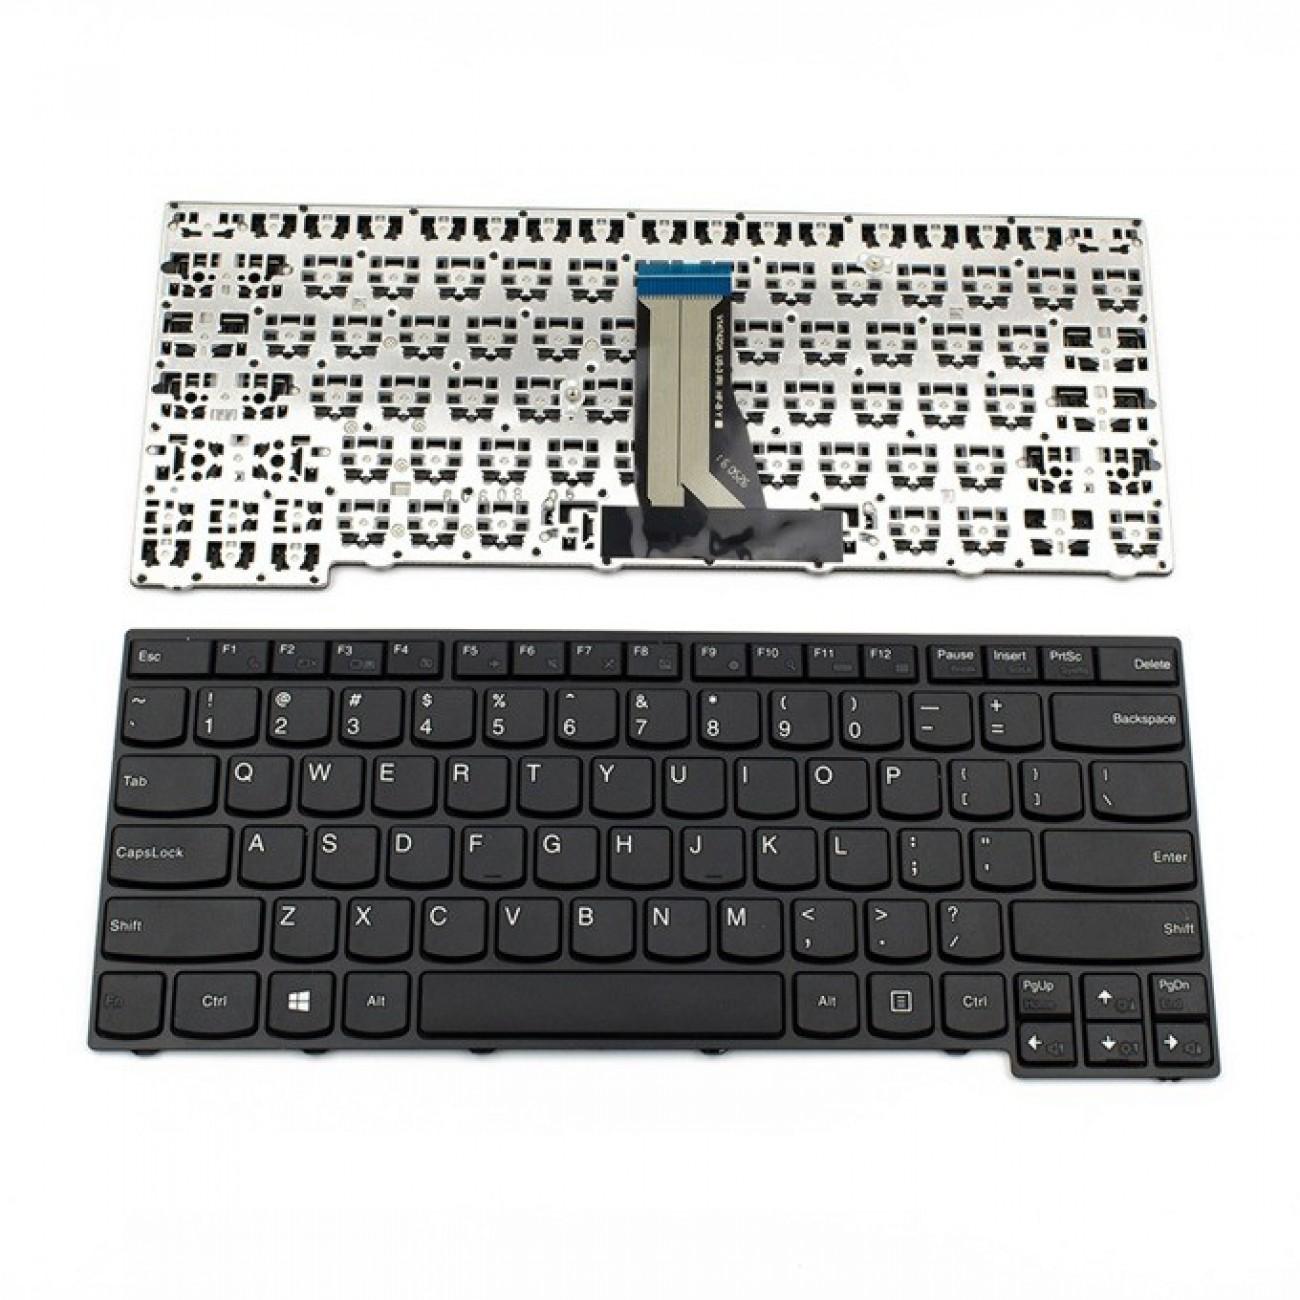 Клавиатура за Lenovo E40-30/E40-45/E40-70/E40-80/E40-81/E41-70, US, с рамка, черна в Резервни части -  | Alleop